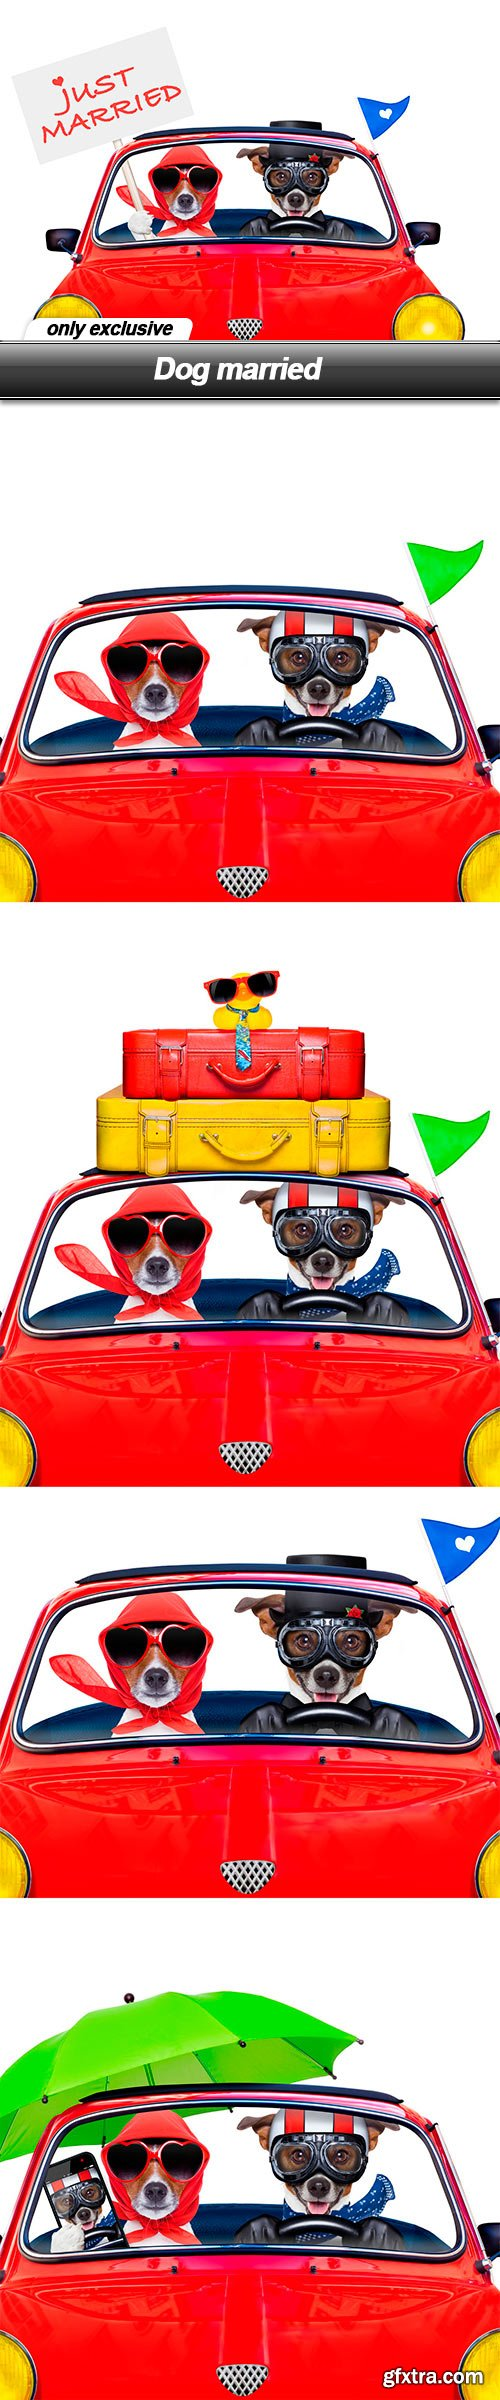 Dog married - 5 UHQ JPEG